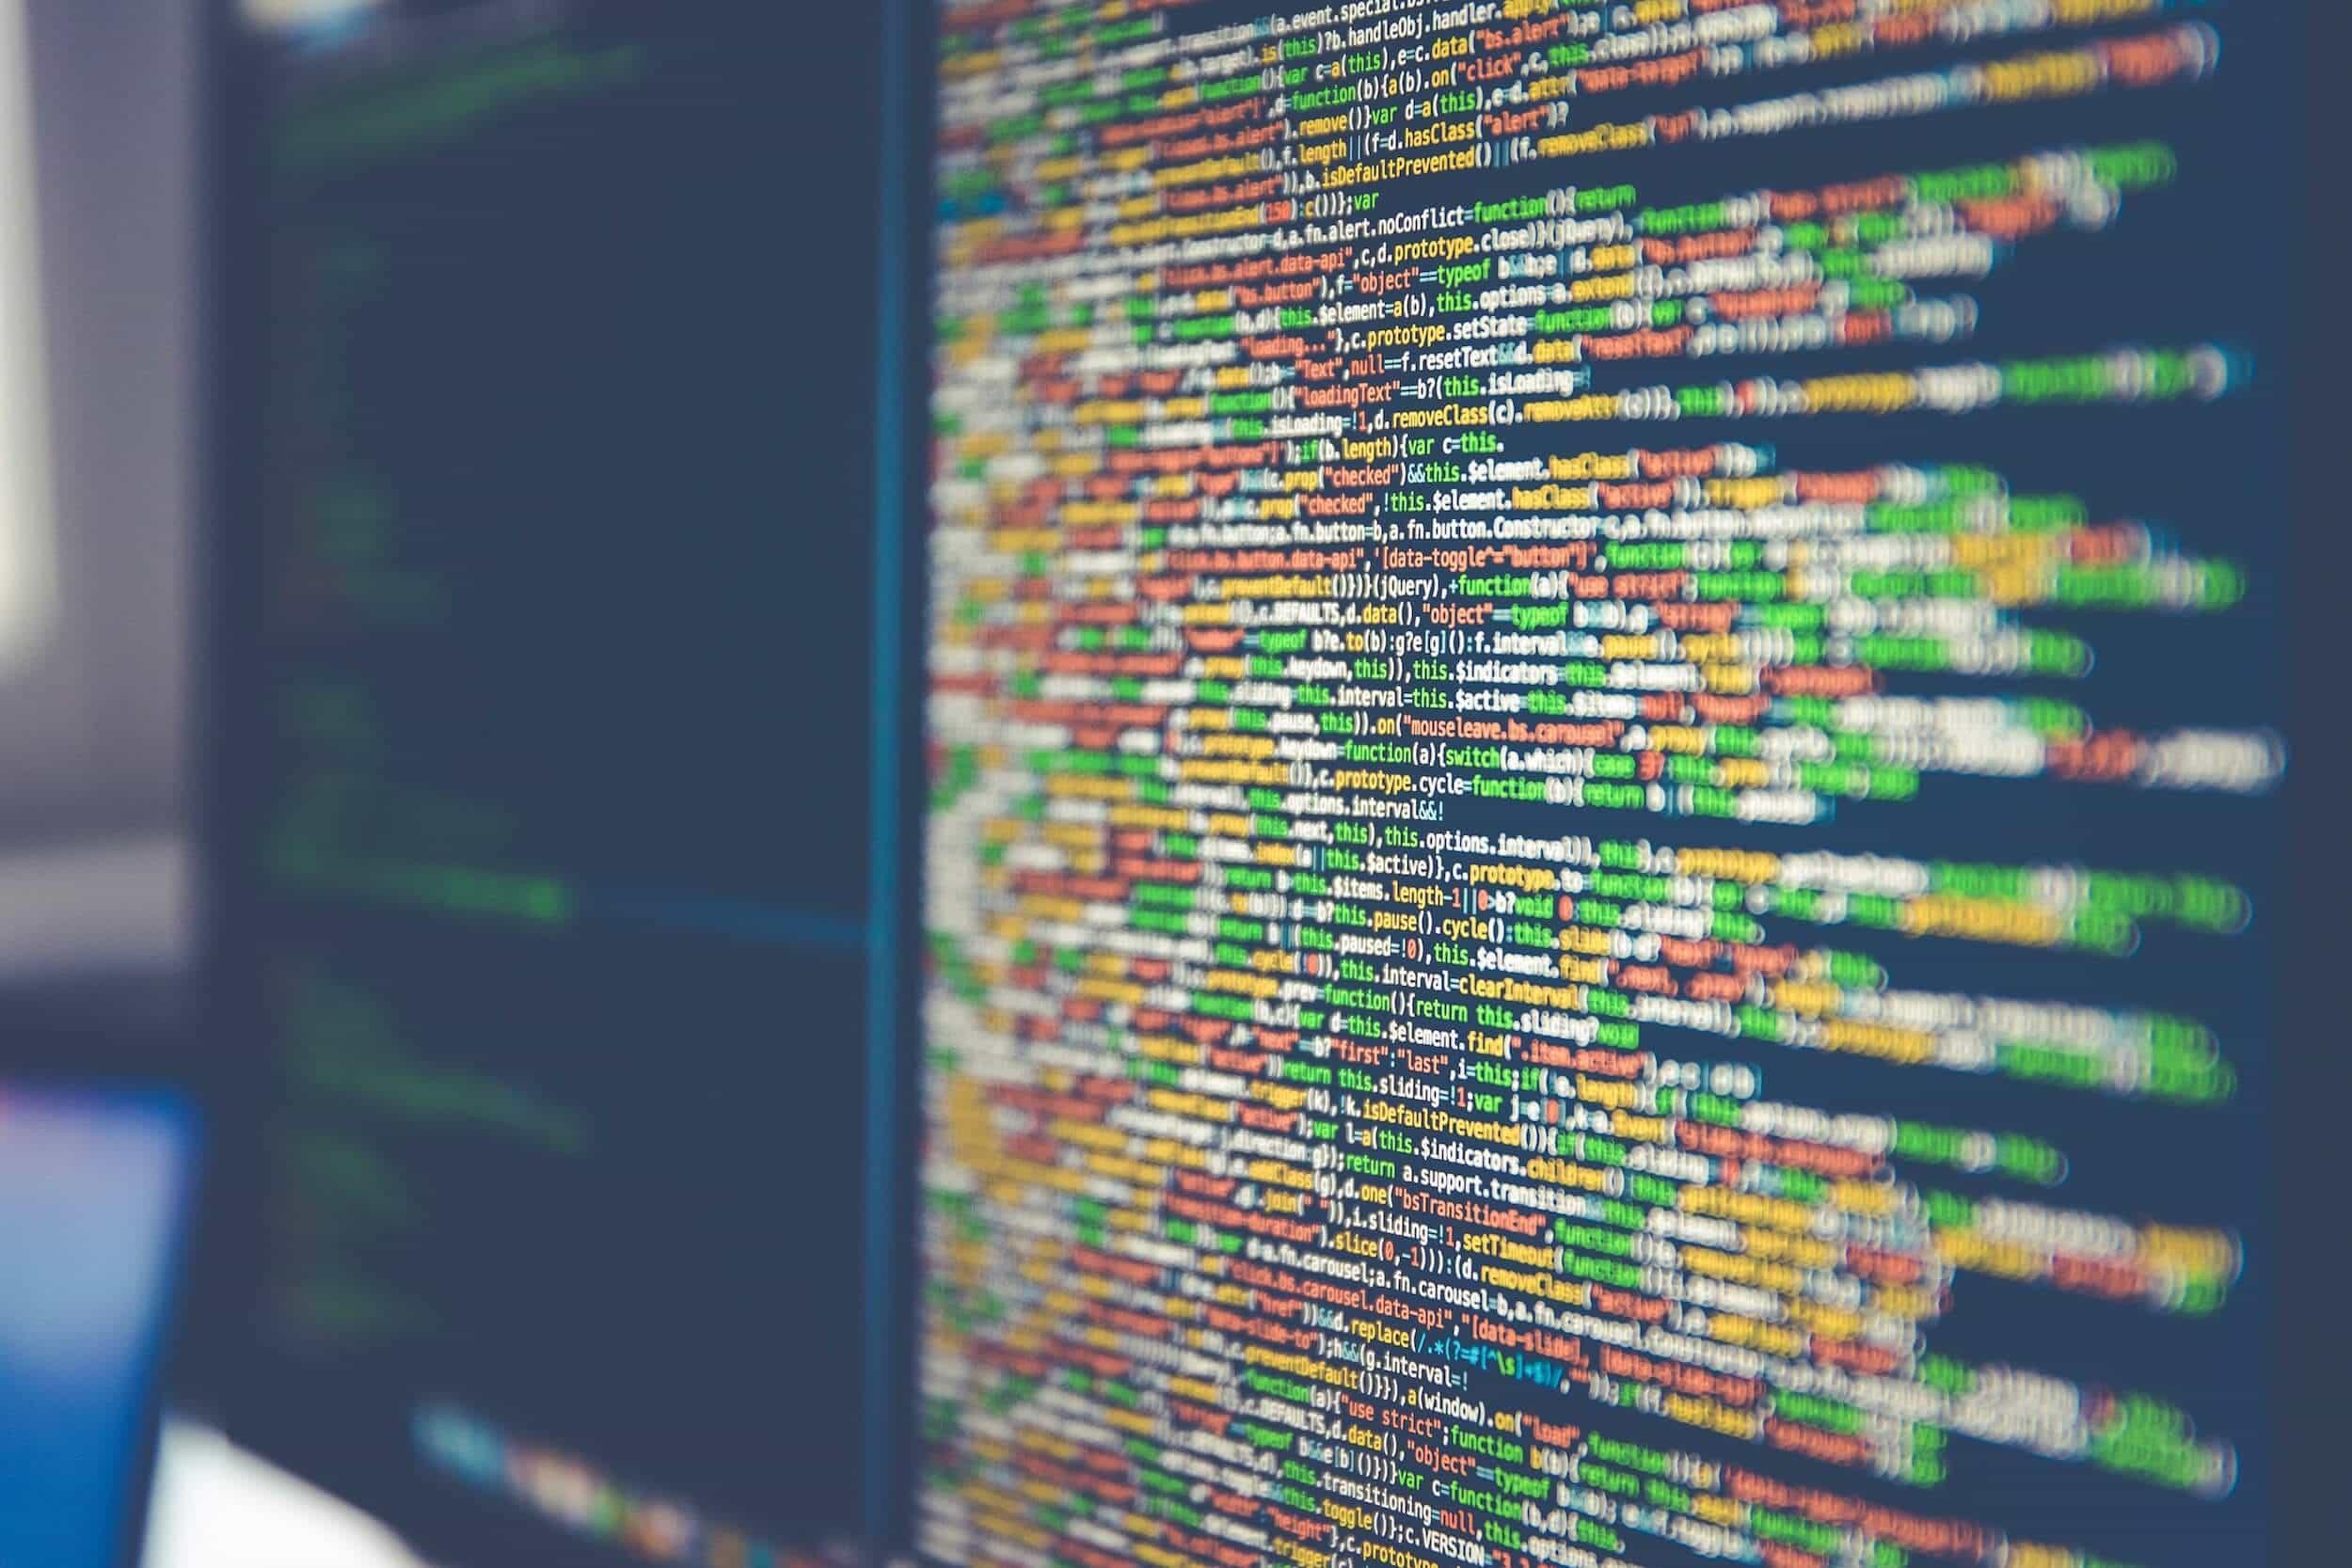 telnet-hr-software-development